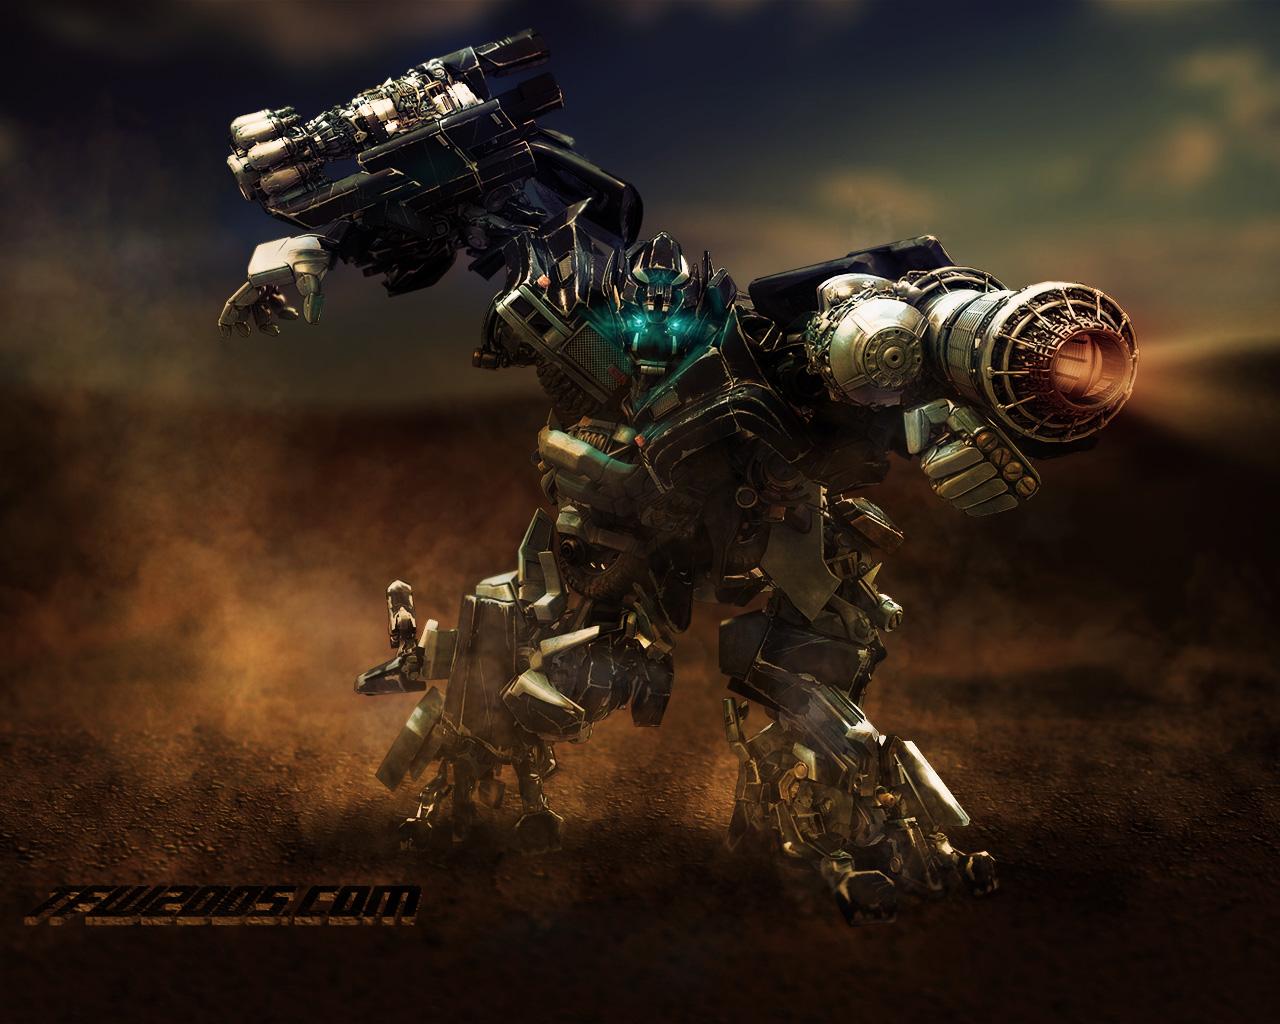 76+] Transformers Desktop Wallpaper on WallpaperSafari